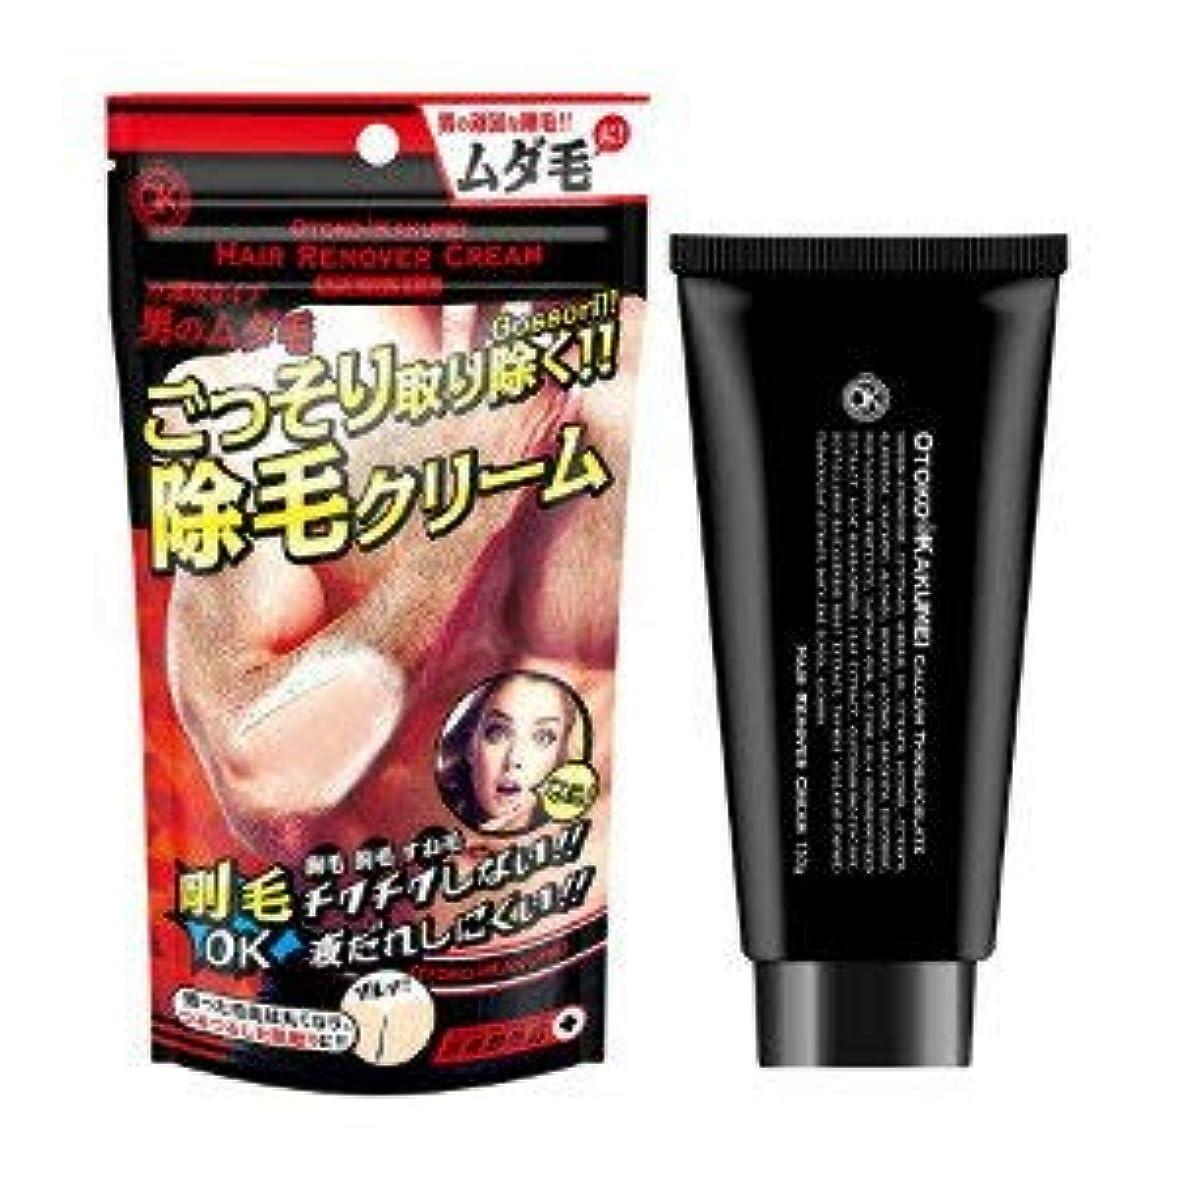 法医学悪性通訳GR OTOKO KAKUMEI ヘアリムーバークリーム 130g×5個セット (医薬部外品)